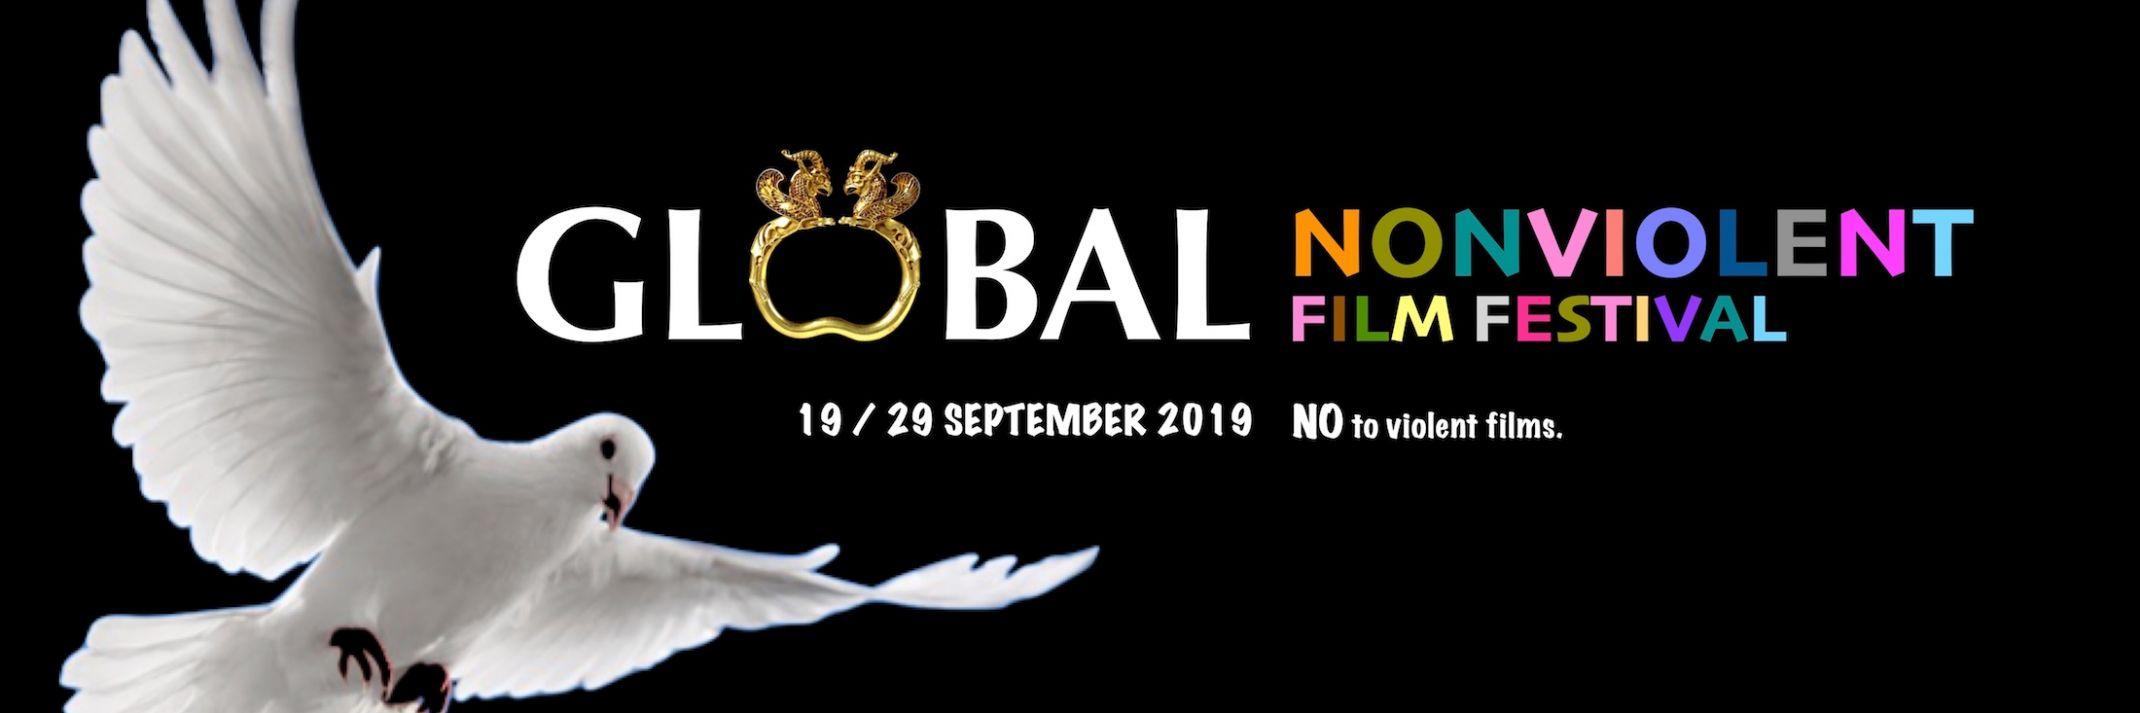 Global Nonviolent Film Festival: September 19 - 29, 2019